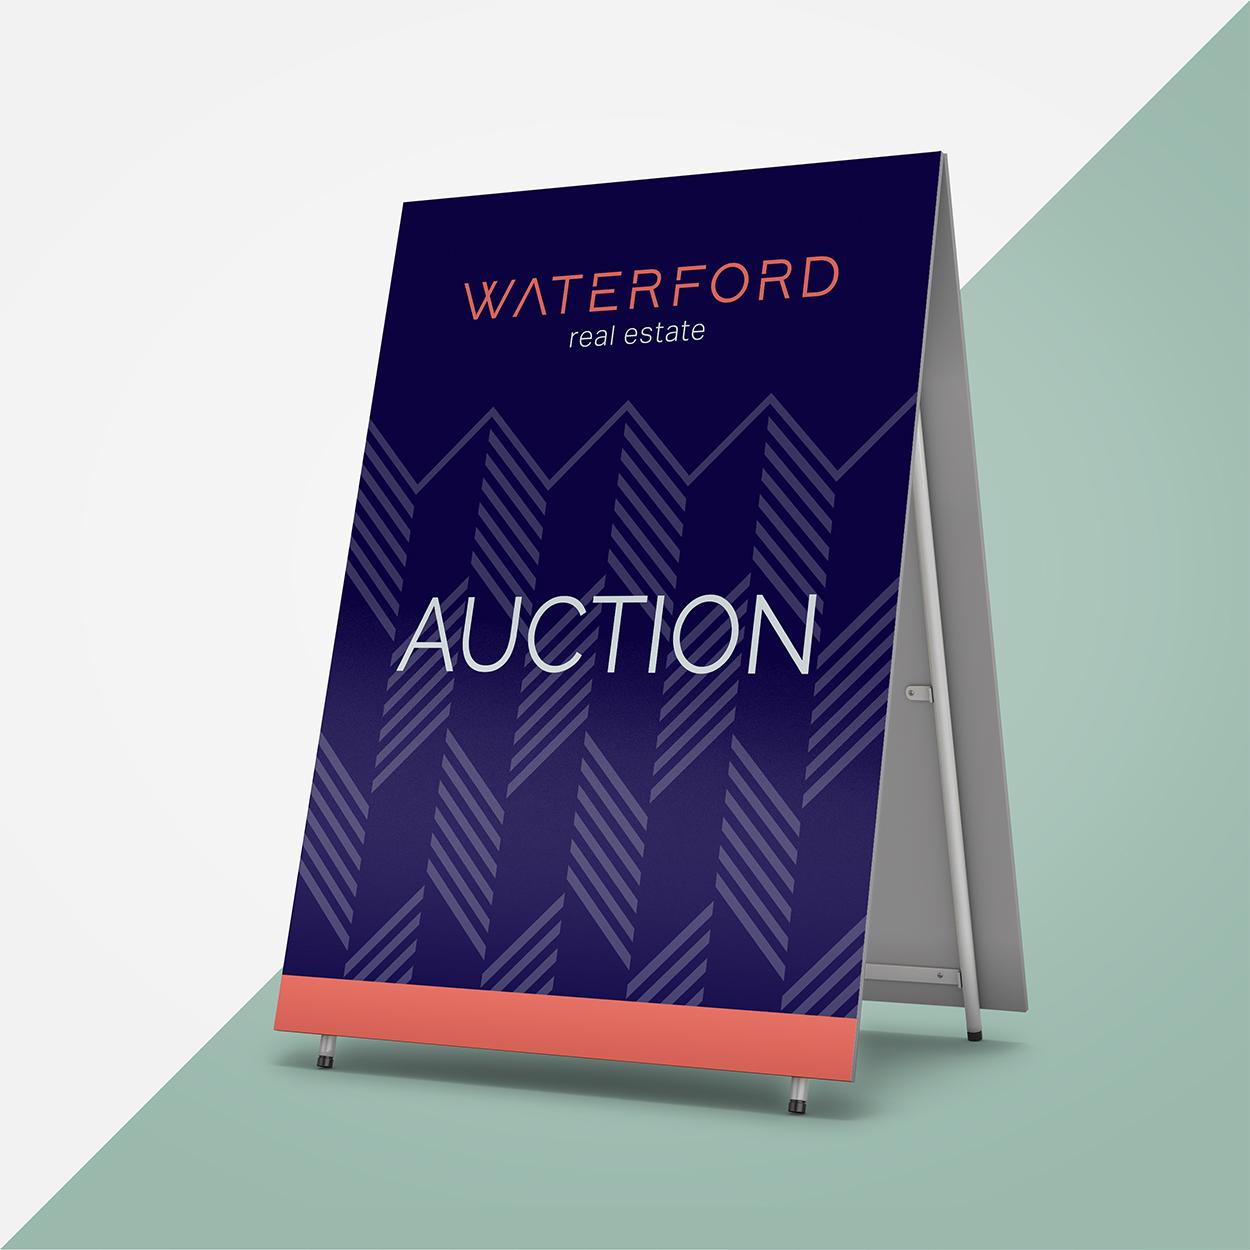 WaterfordImages2019Artboard 2 copy 3.jpg